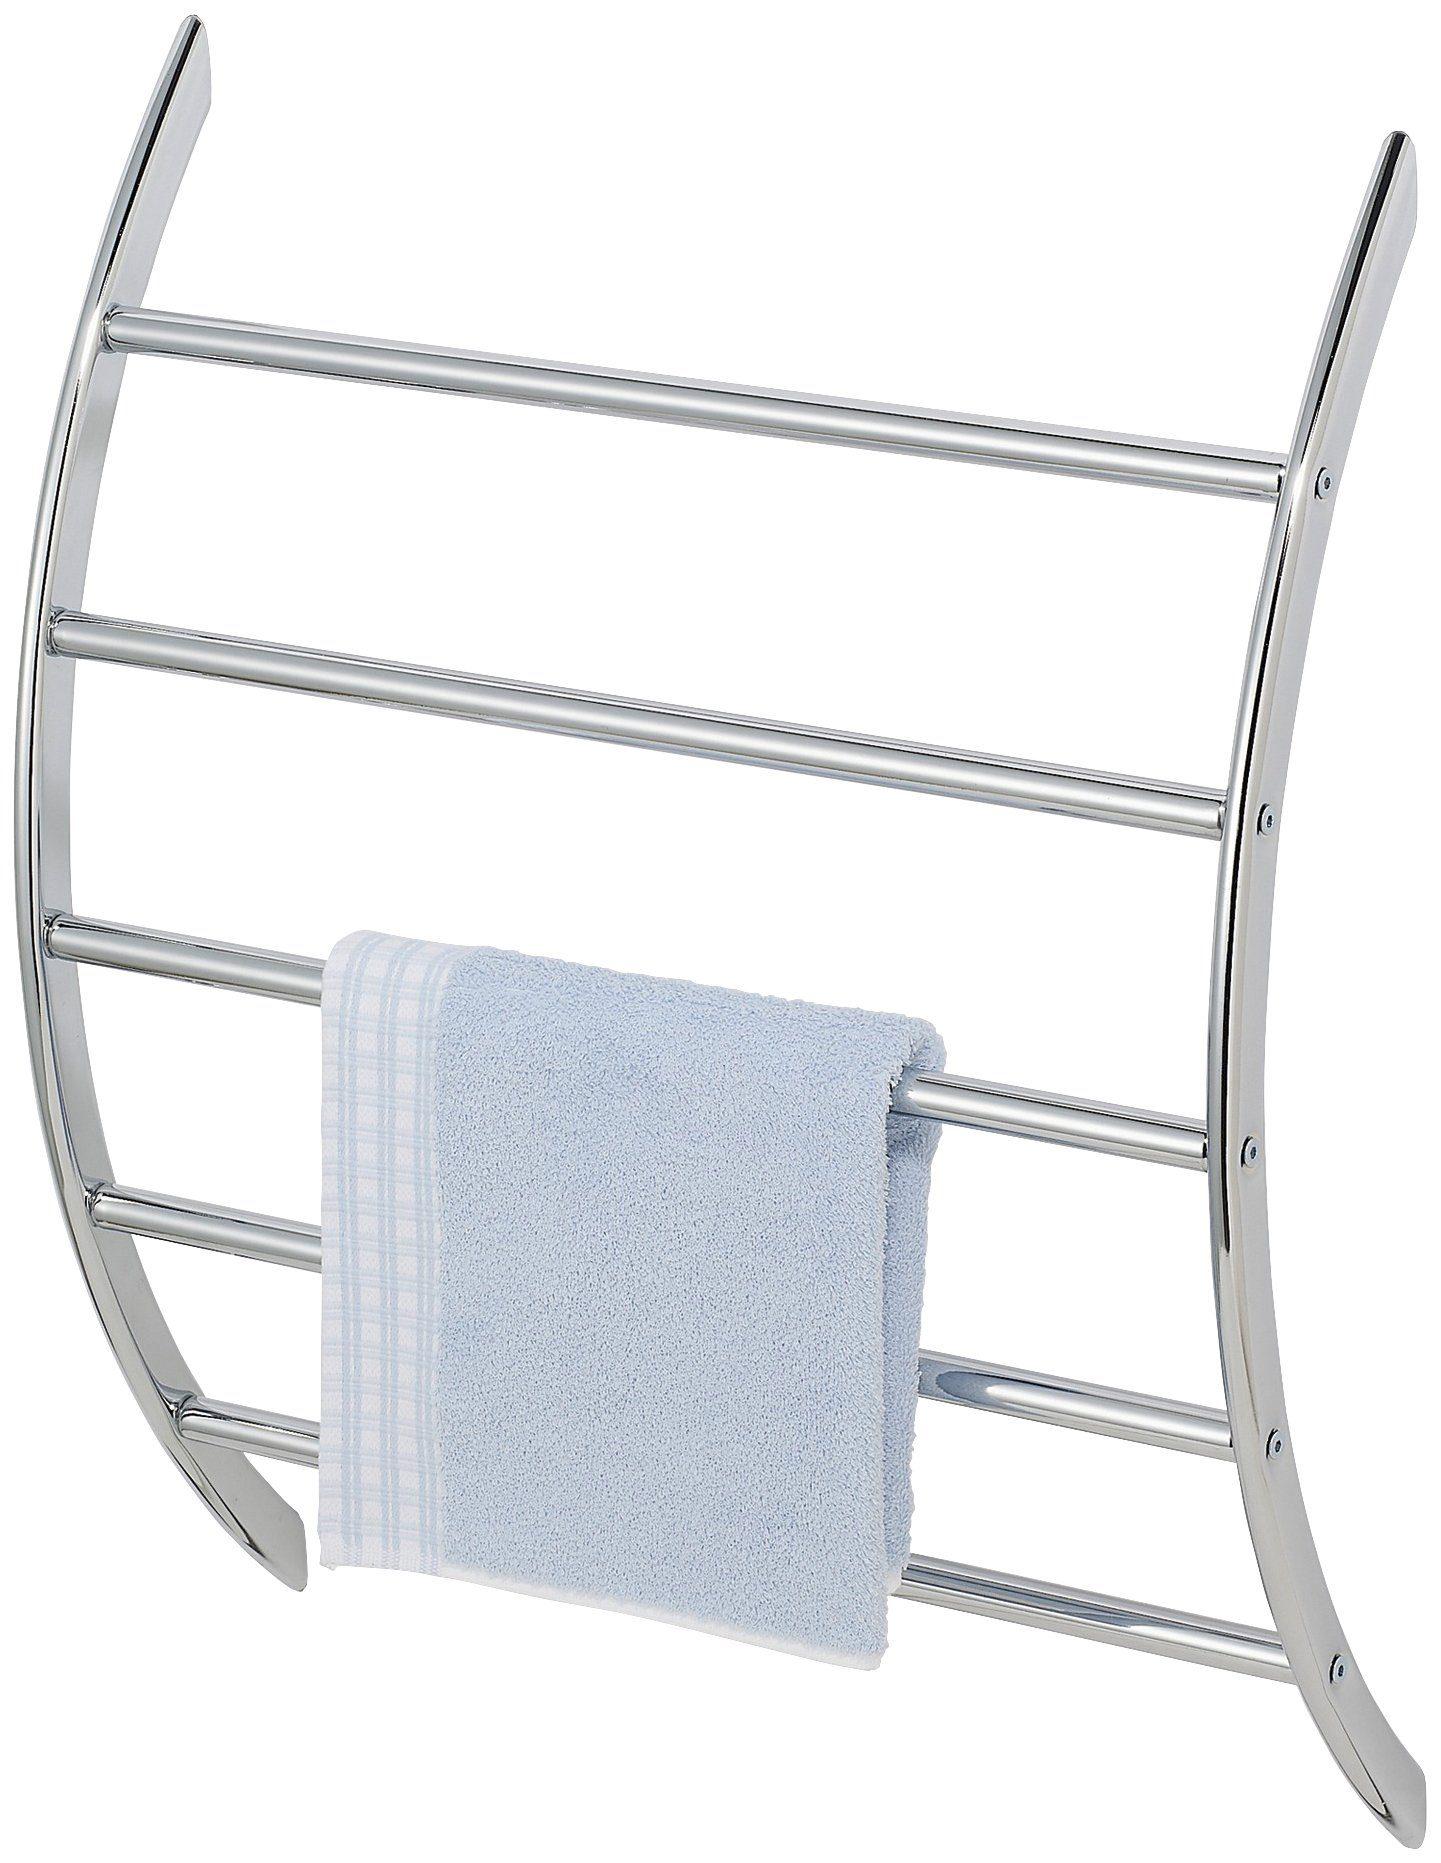 Handtuchhalter »Exclusiv«, 5 Stangen